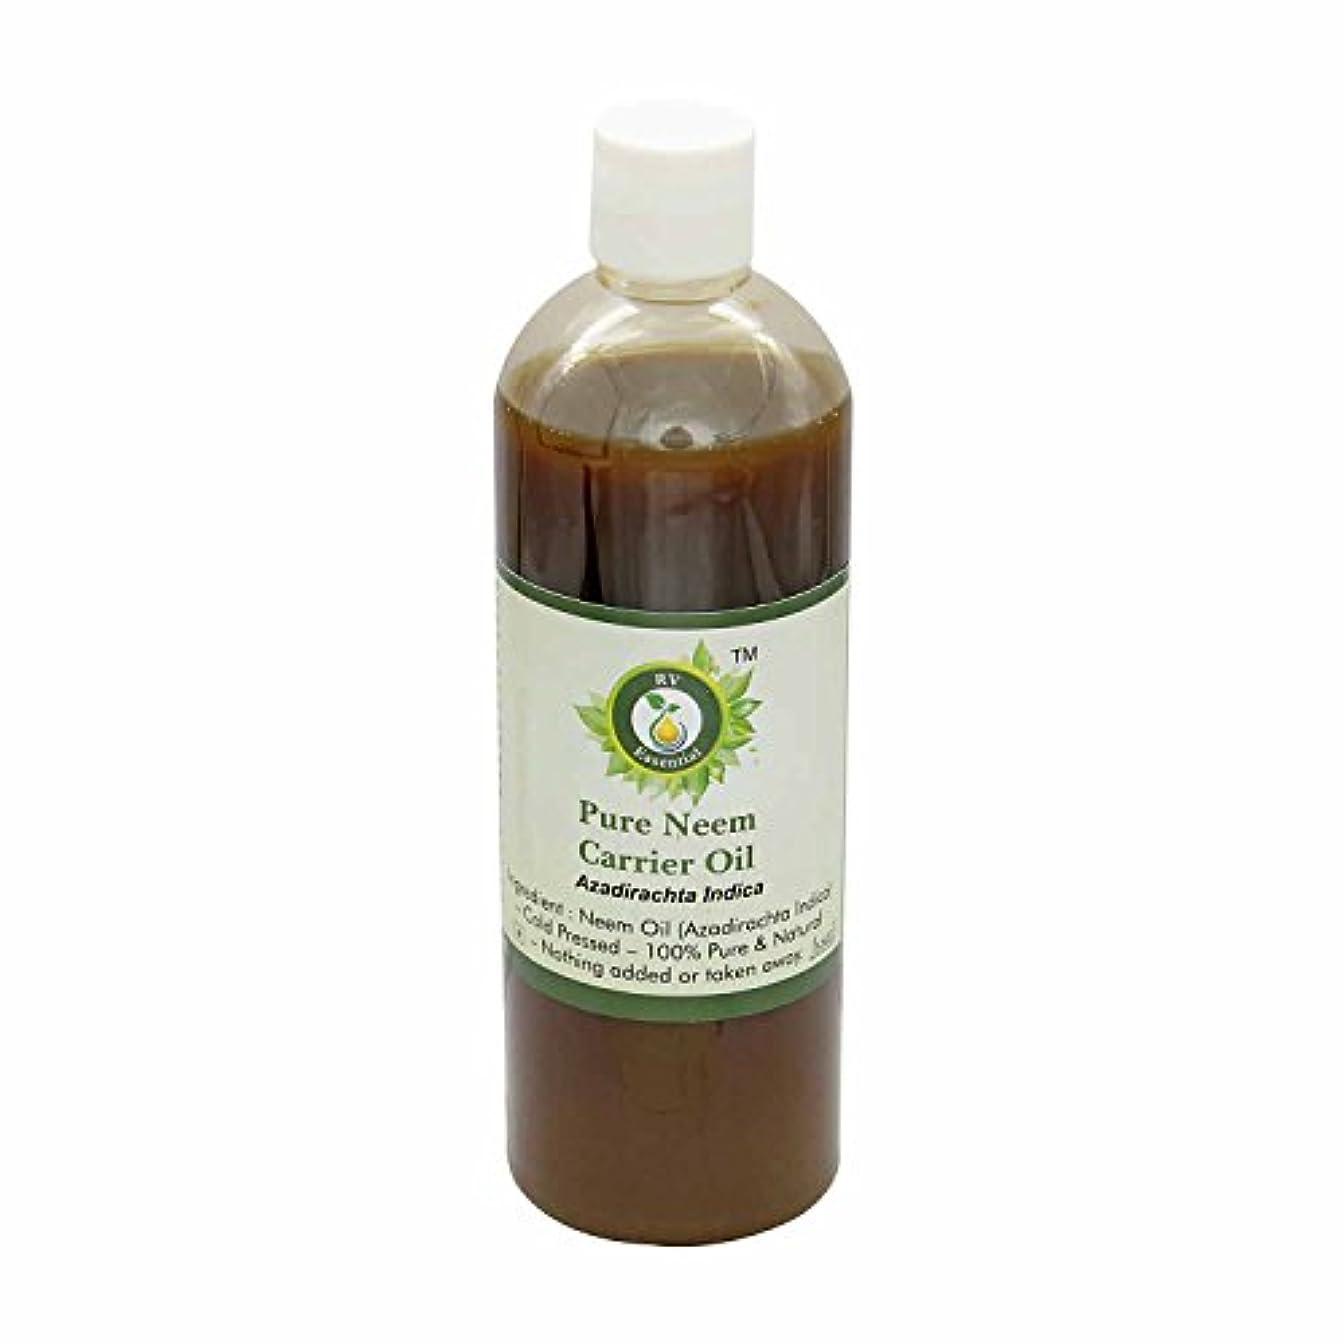 洞察力抑圧する拍車R V Essential 純Neemキャリアオイル100ml (3.38oz)- Azadirachta Indica (100%ピュア&ナチュラルコールドPressed) Pure Neem Carrier Oil